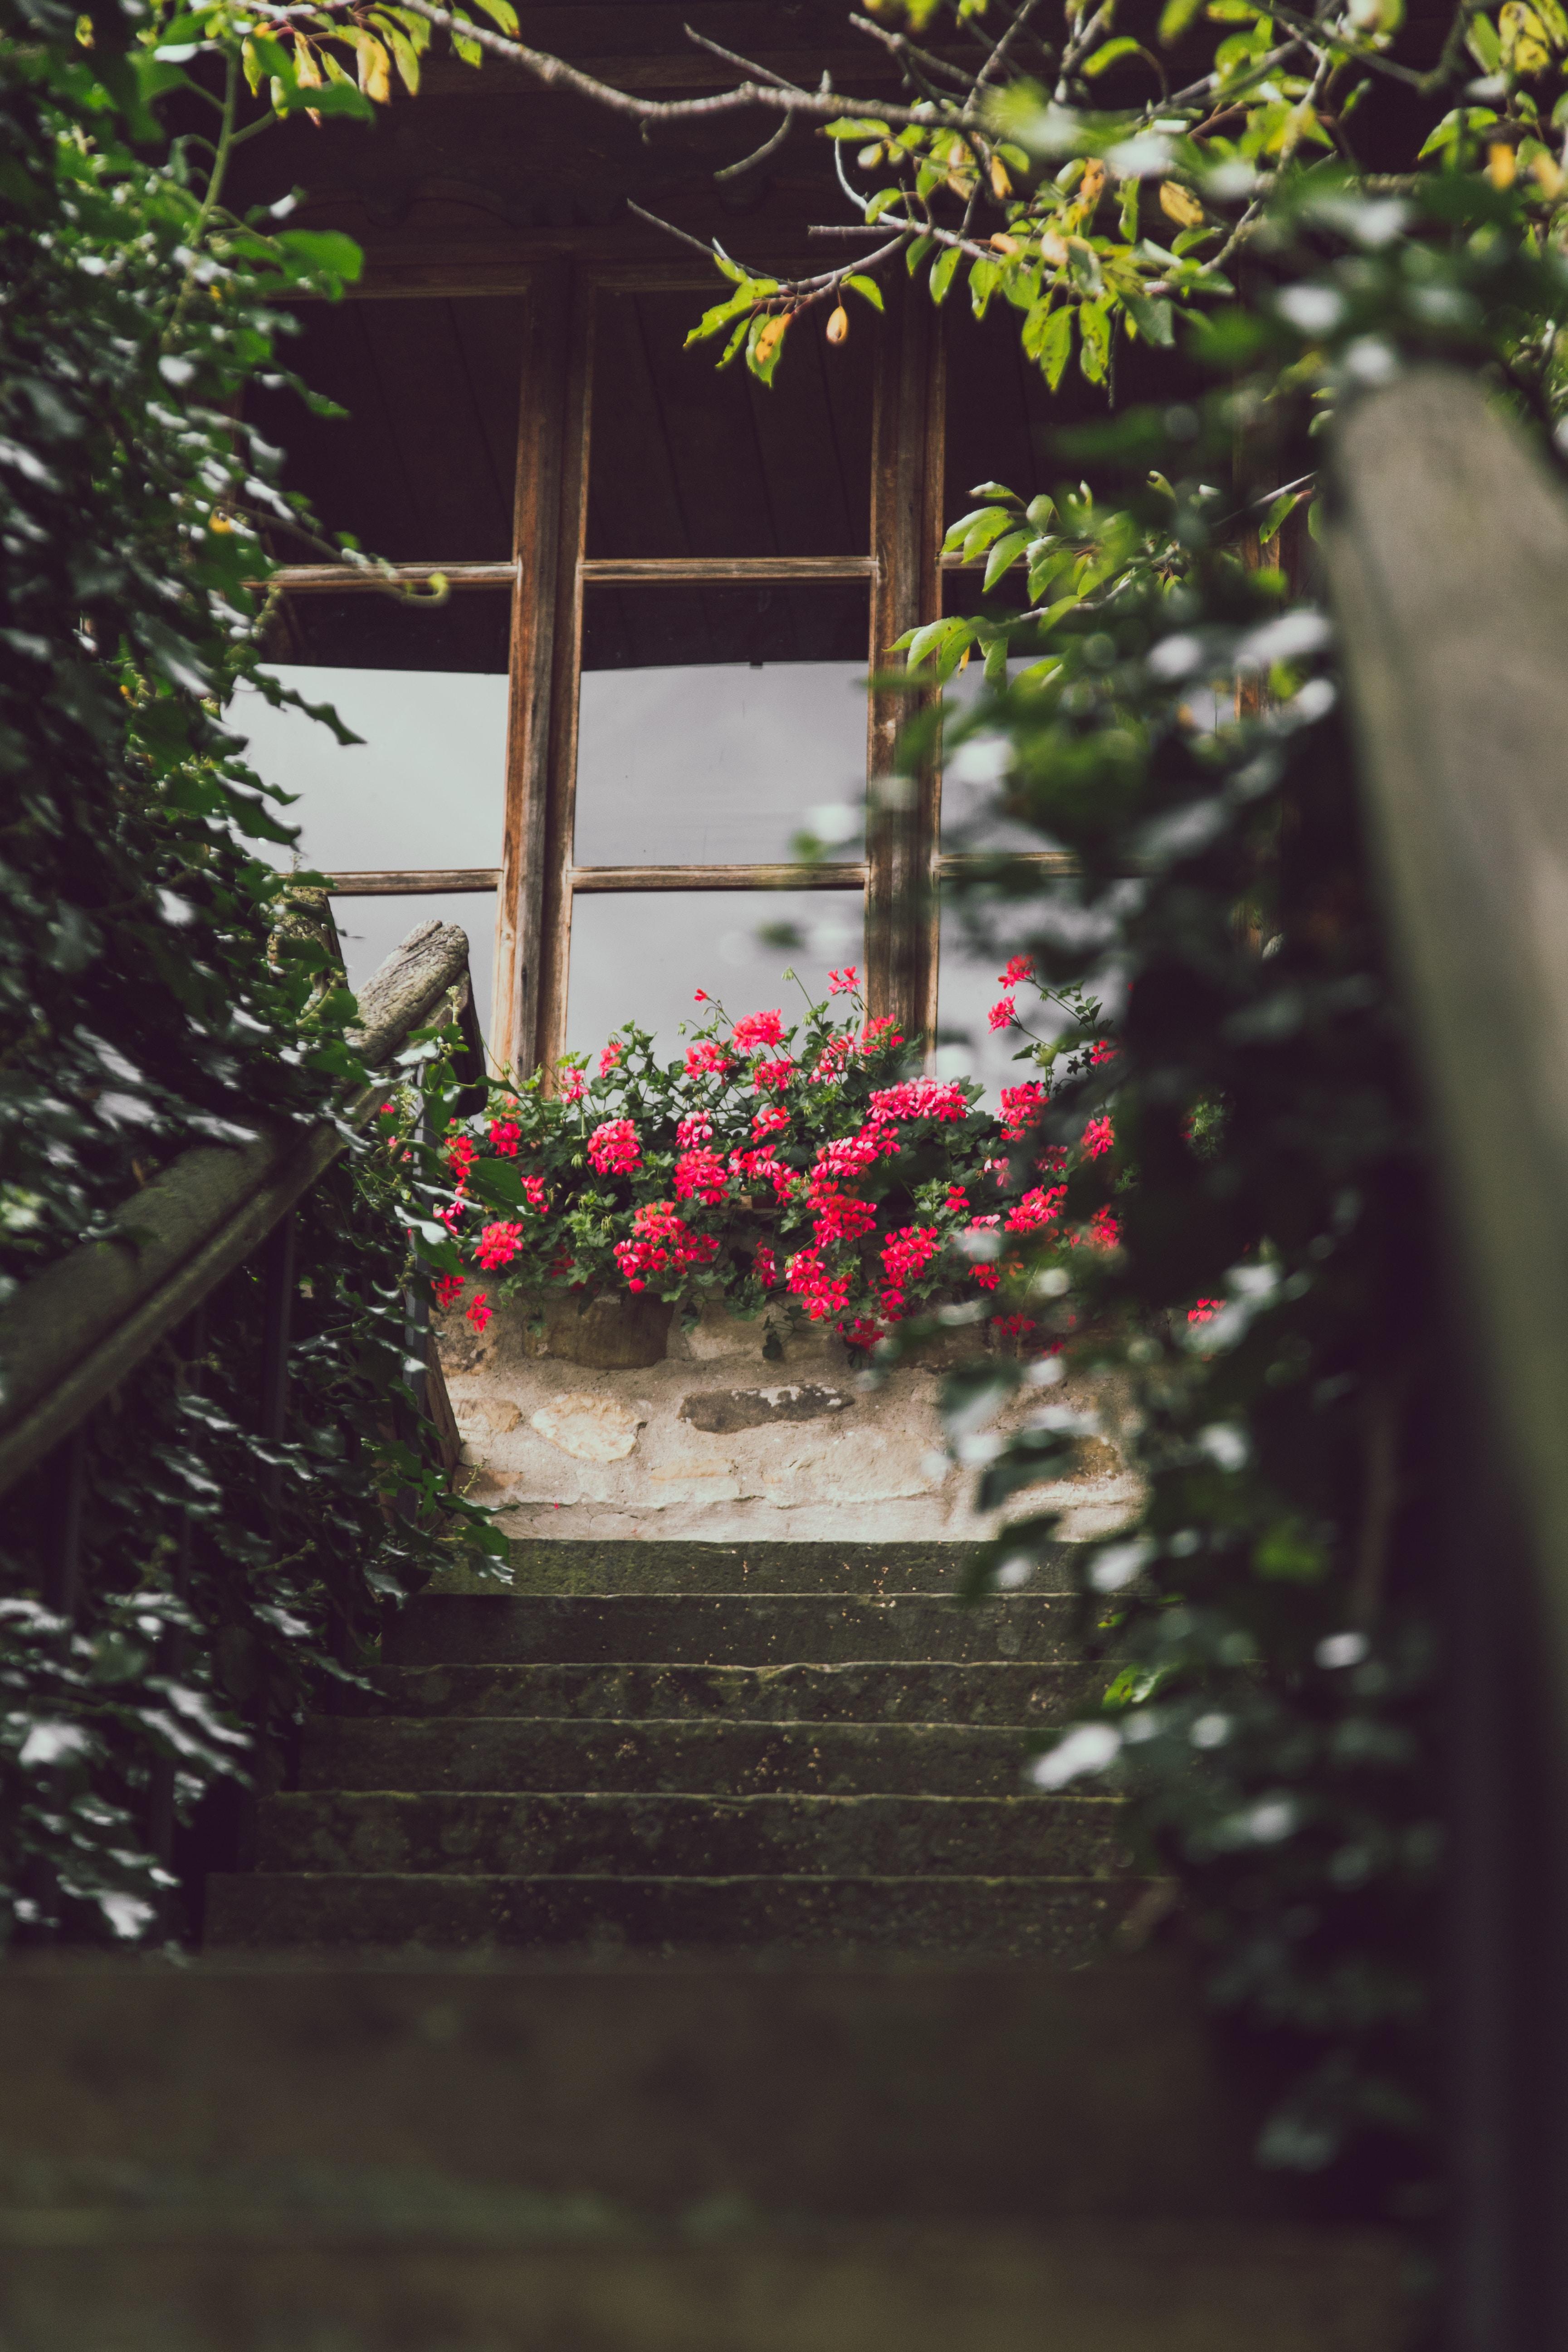 pink flowers outside window